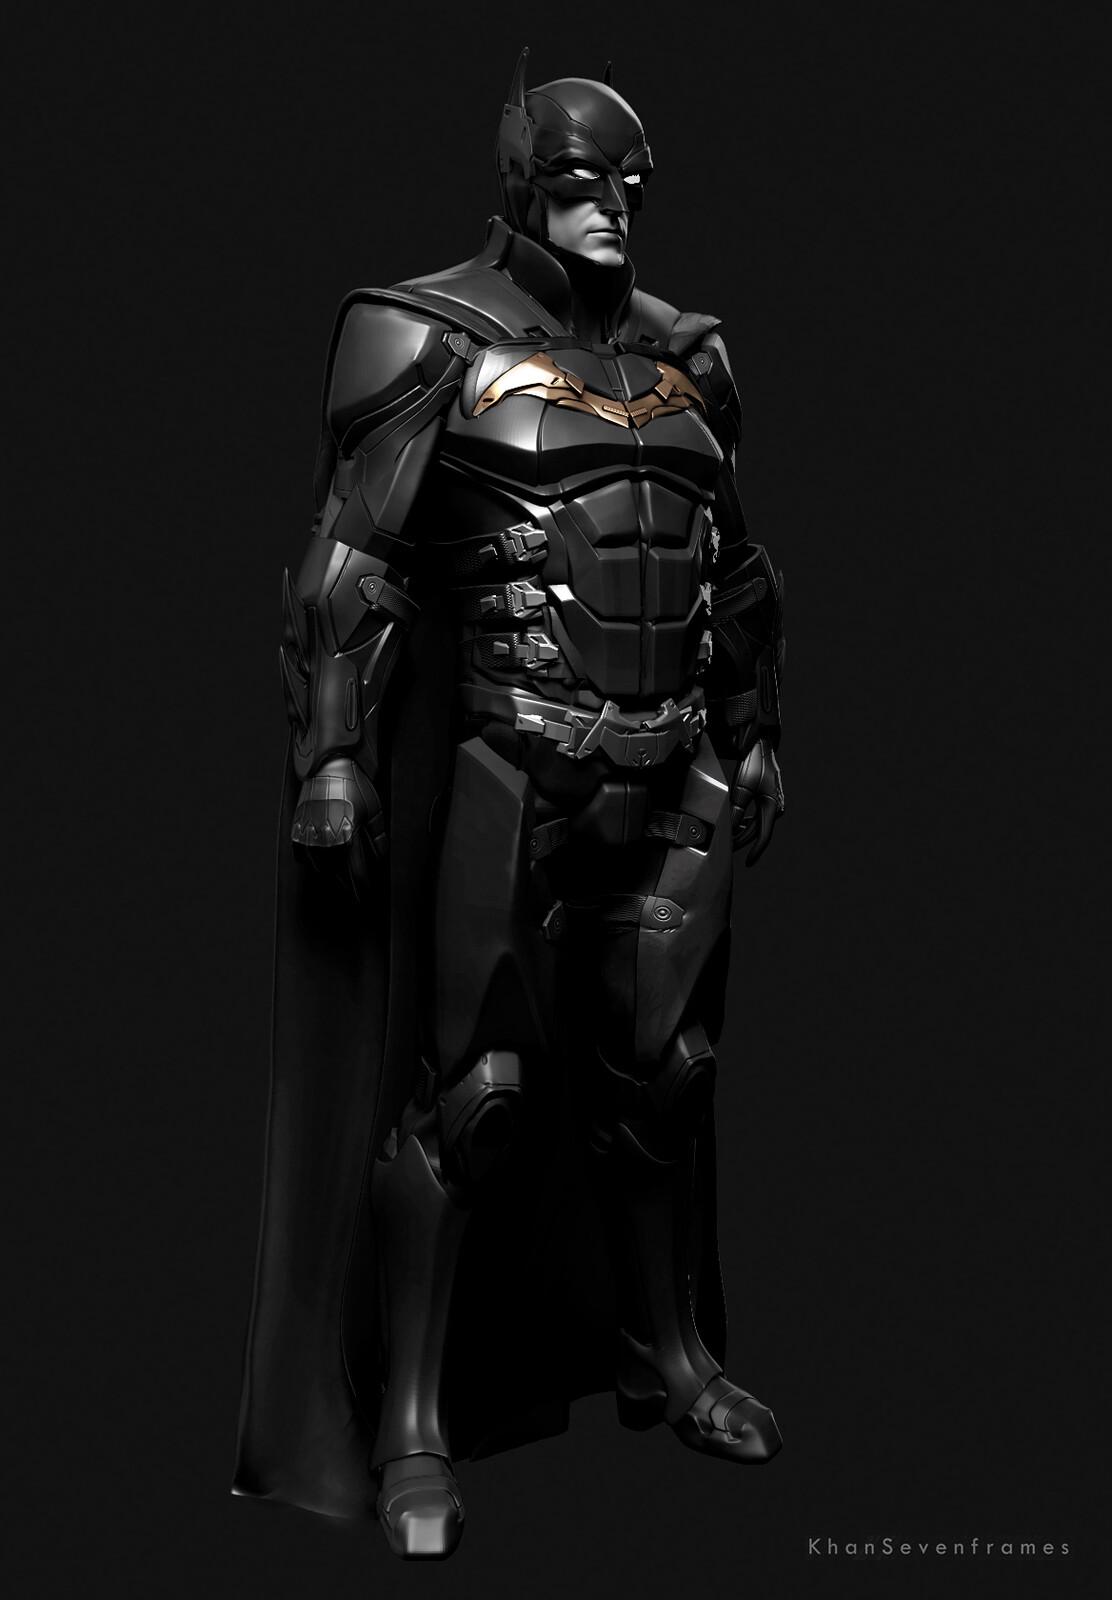 Seven Frames - Robert Pattinson's New Bat Suit Fan Art